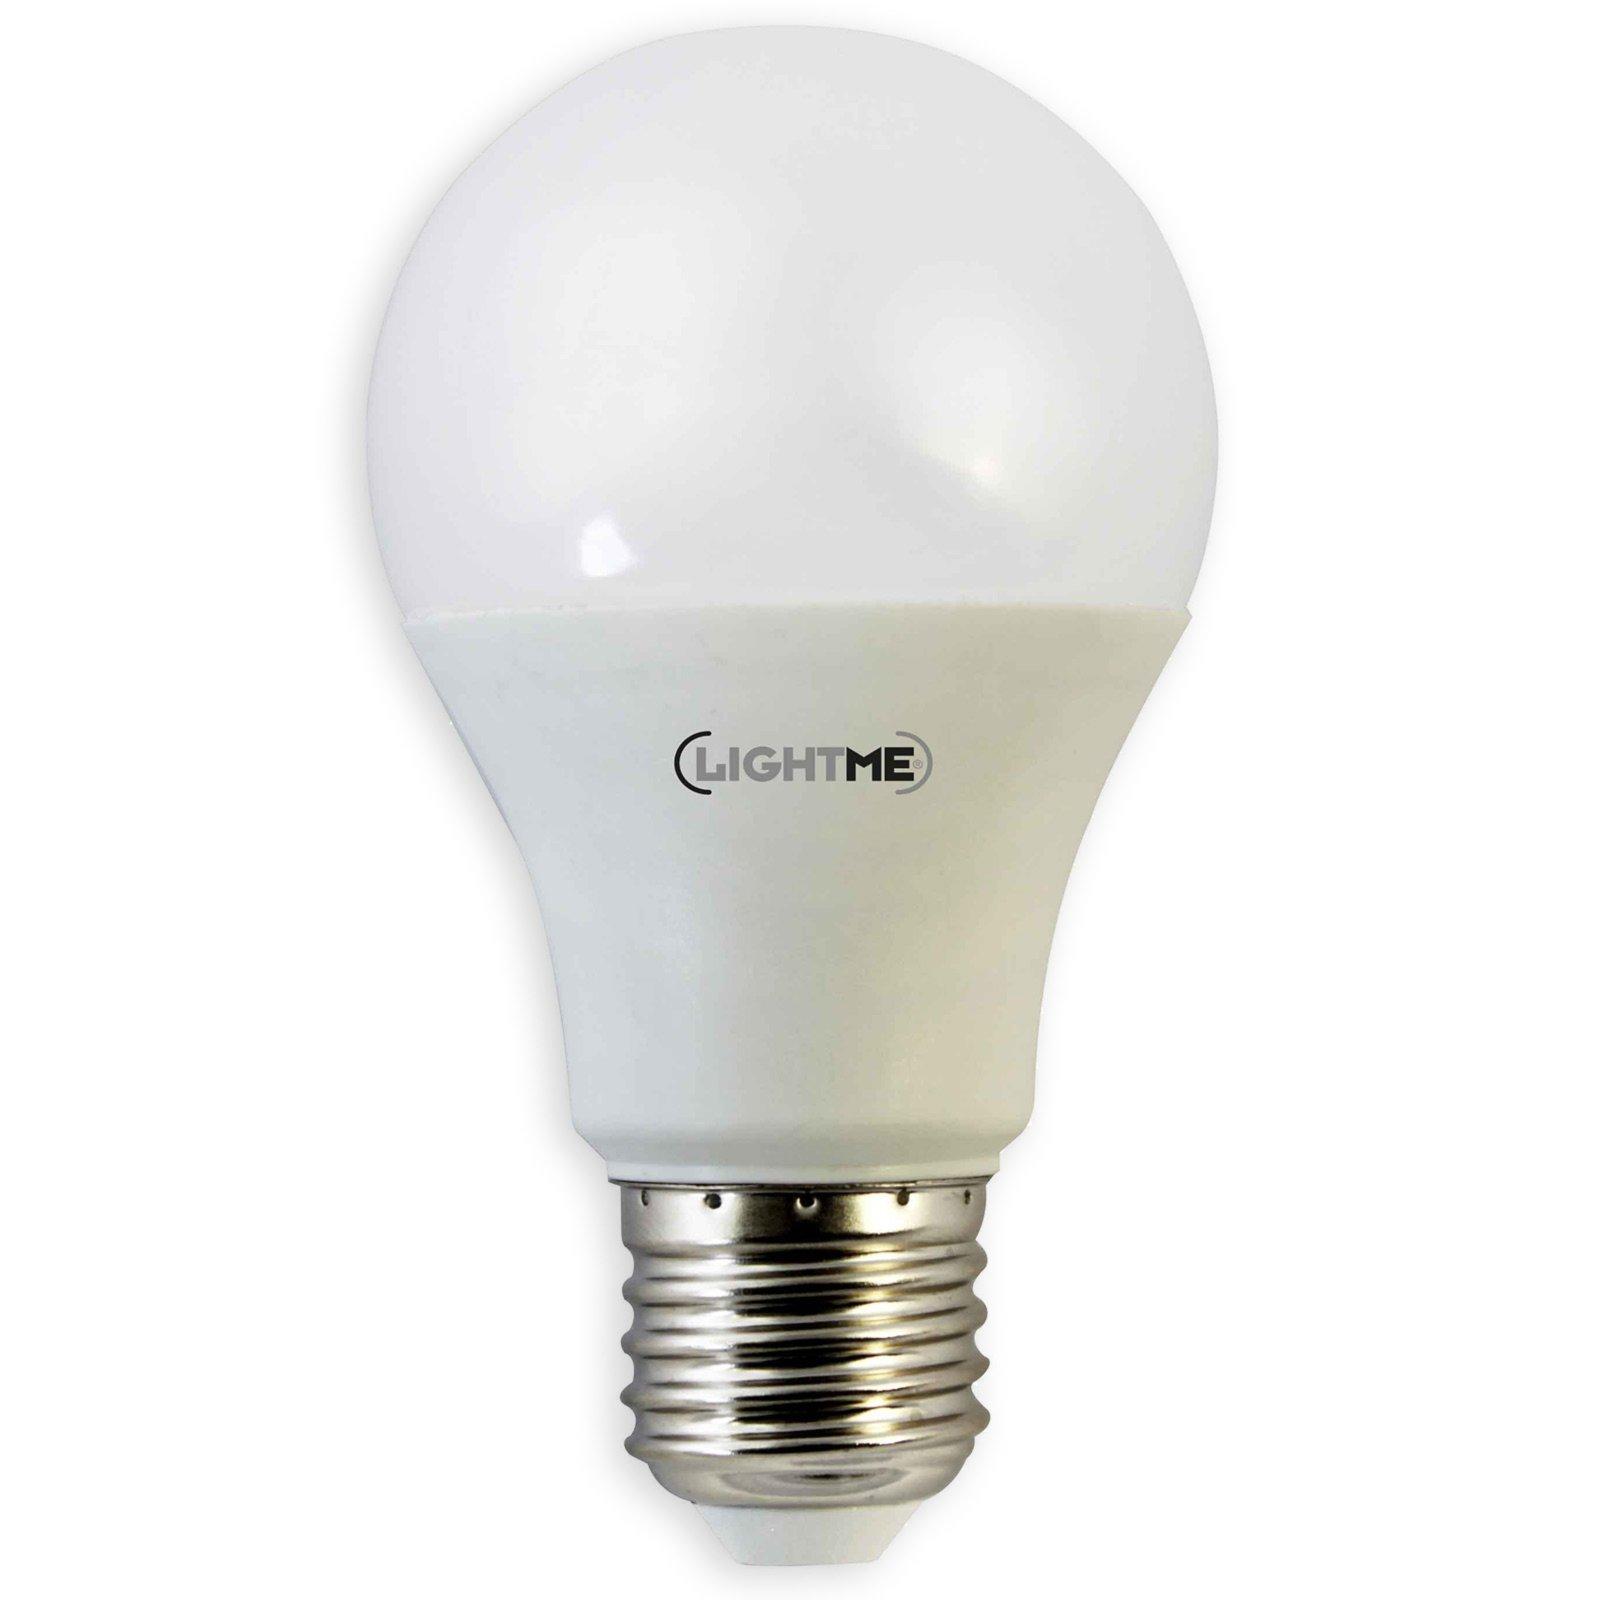 a60 led leuchtmittel lightme classic e27 5 w warmwei led leuchtmittel leuchtmittel. Black Bedroom Furniture Sets. Home Design Ideas